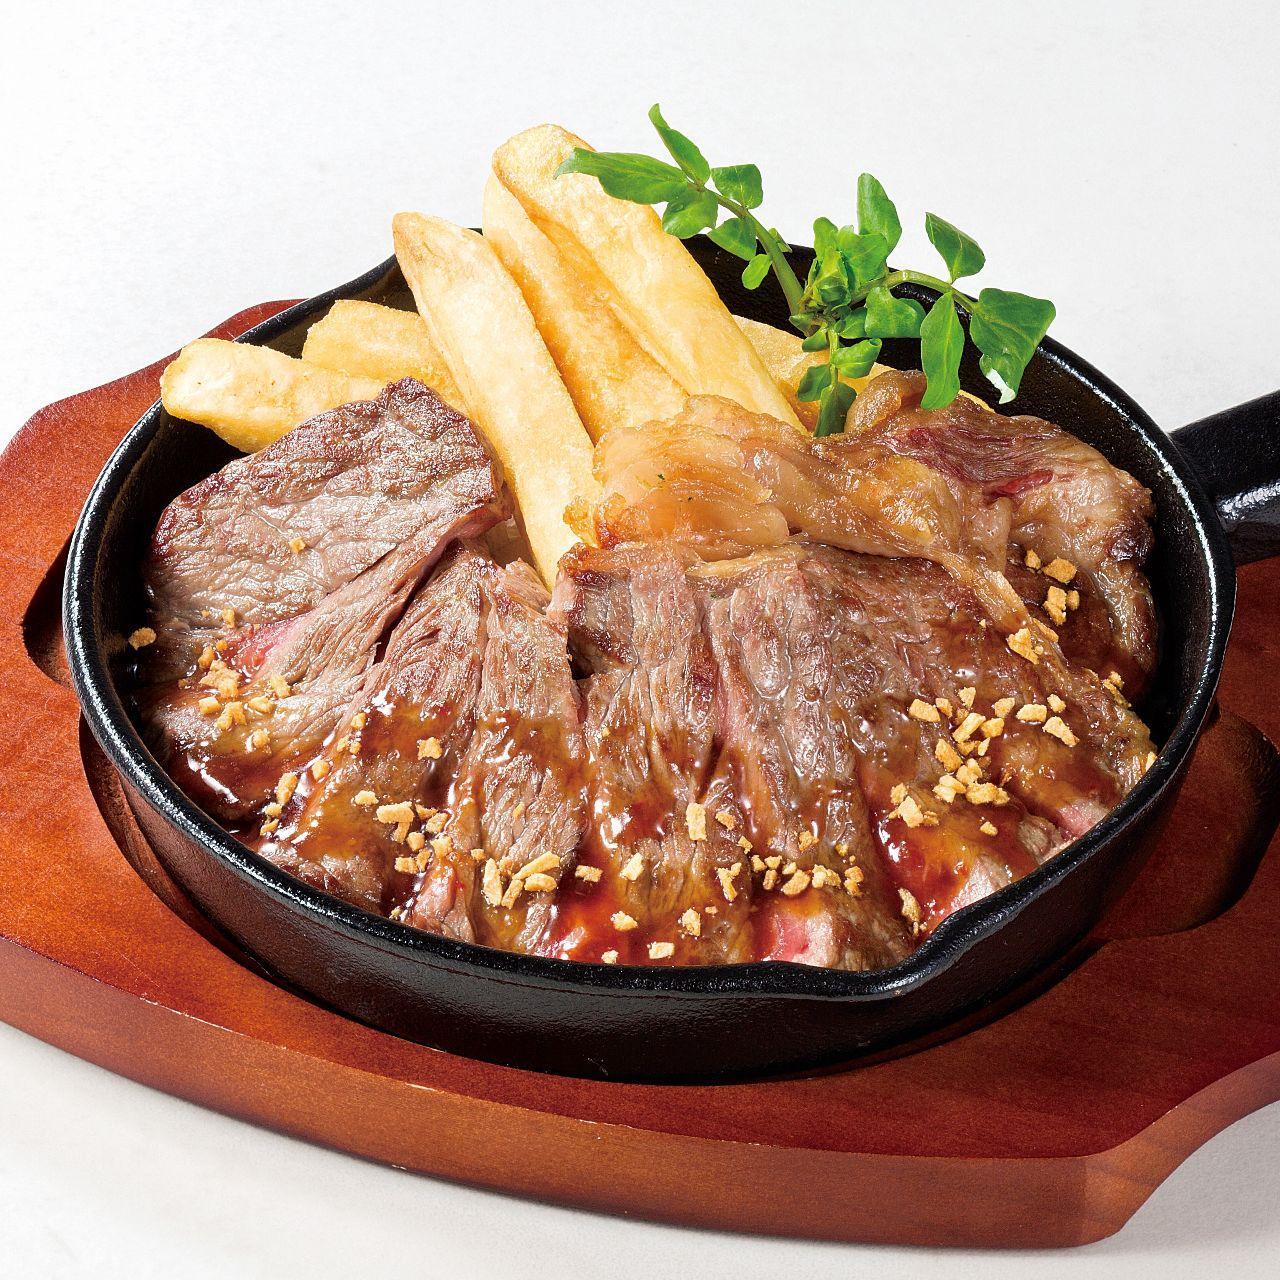 サーロインのおつまみステーキ (150g)